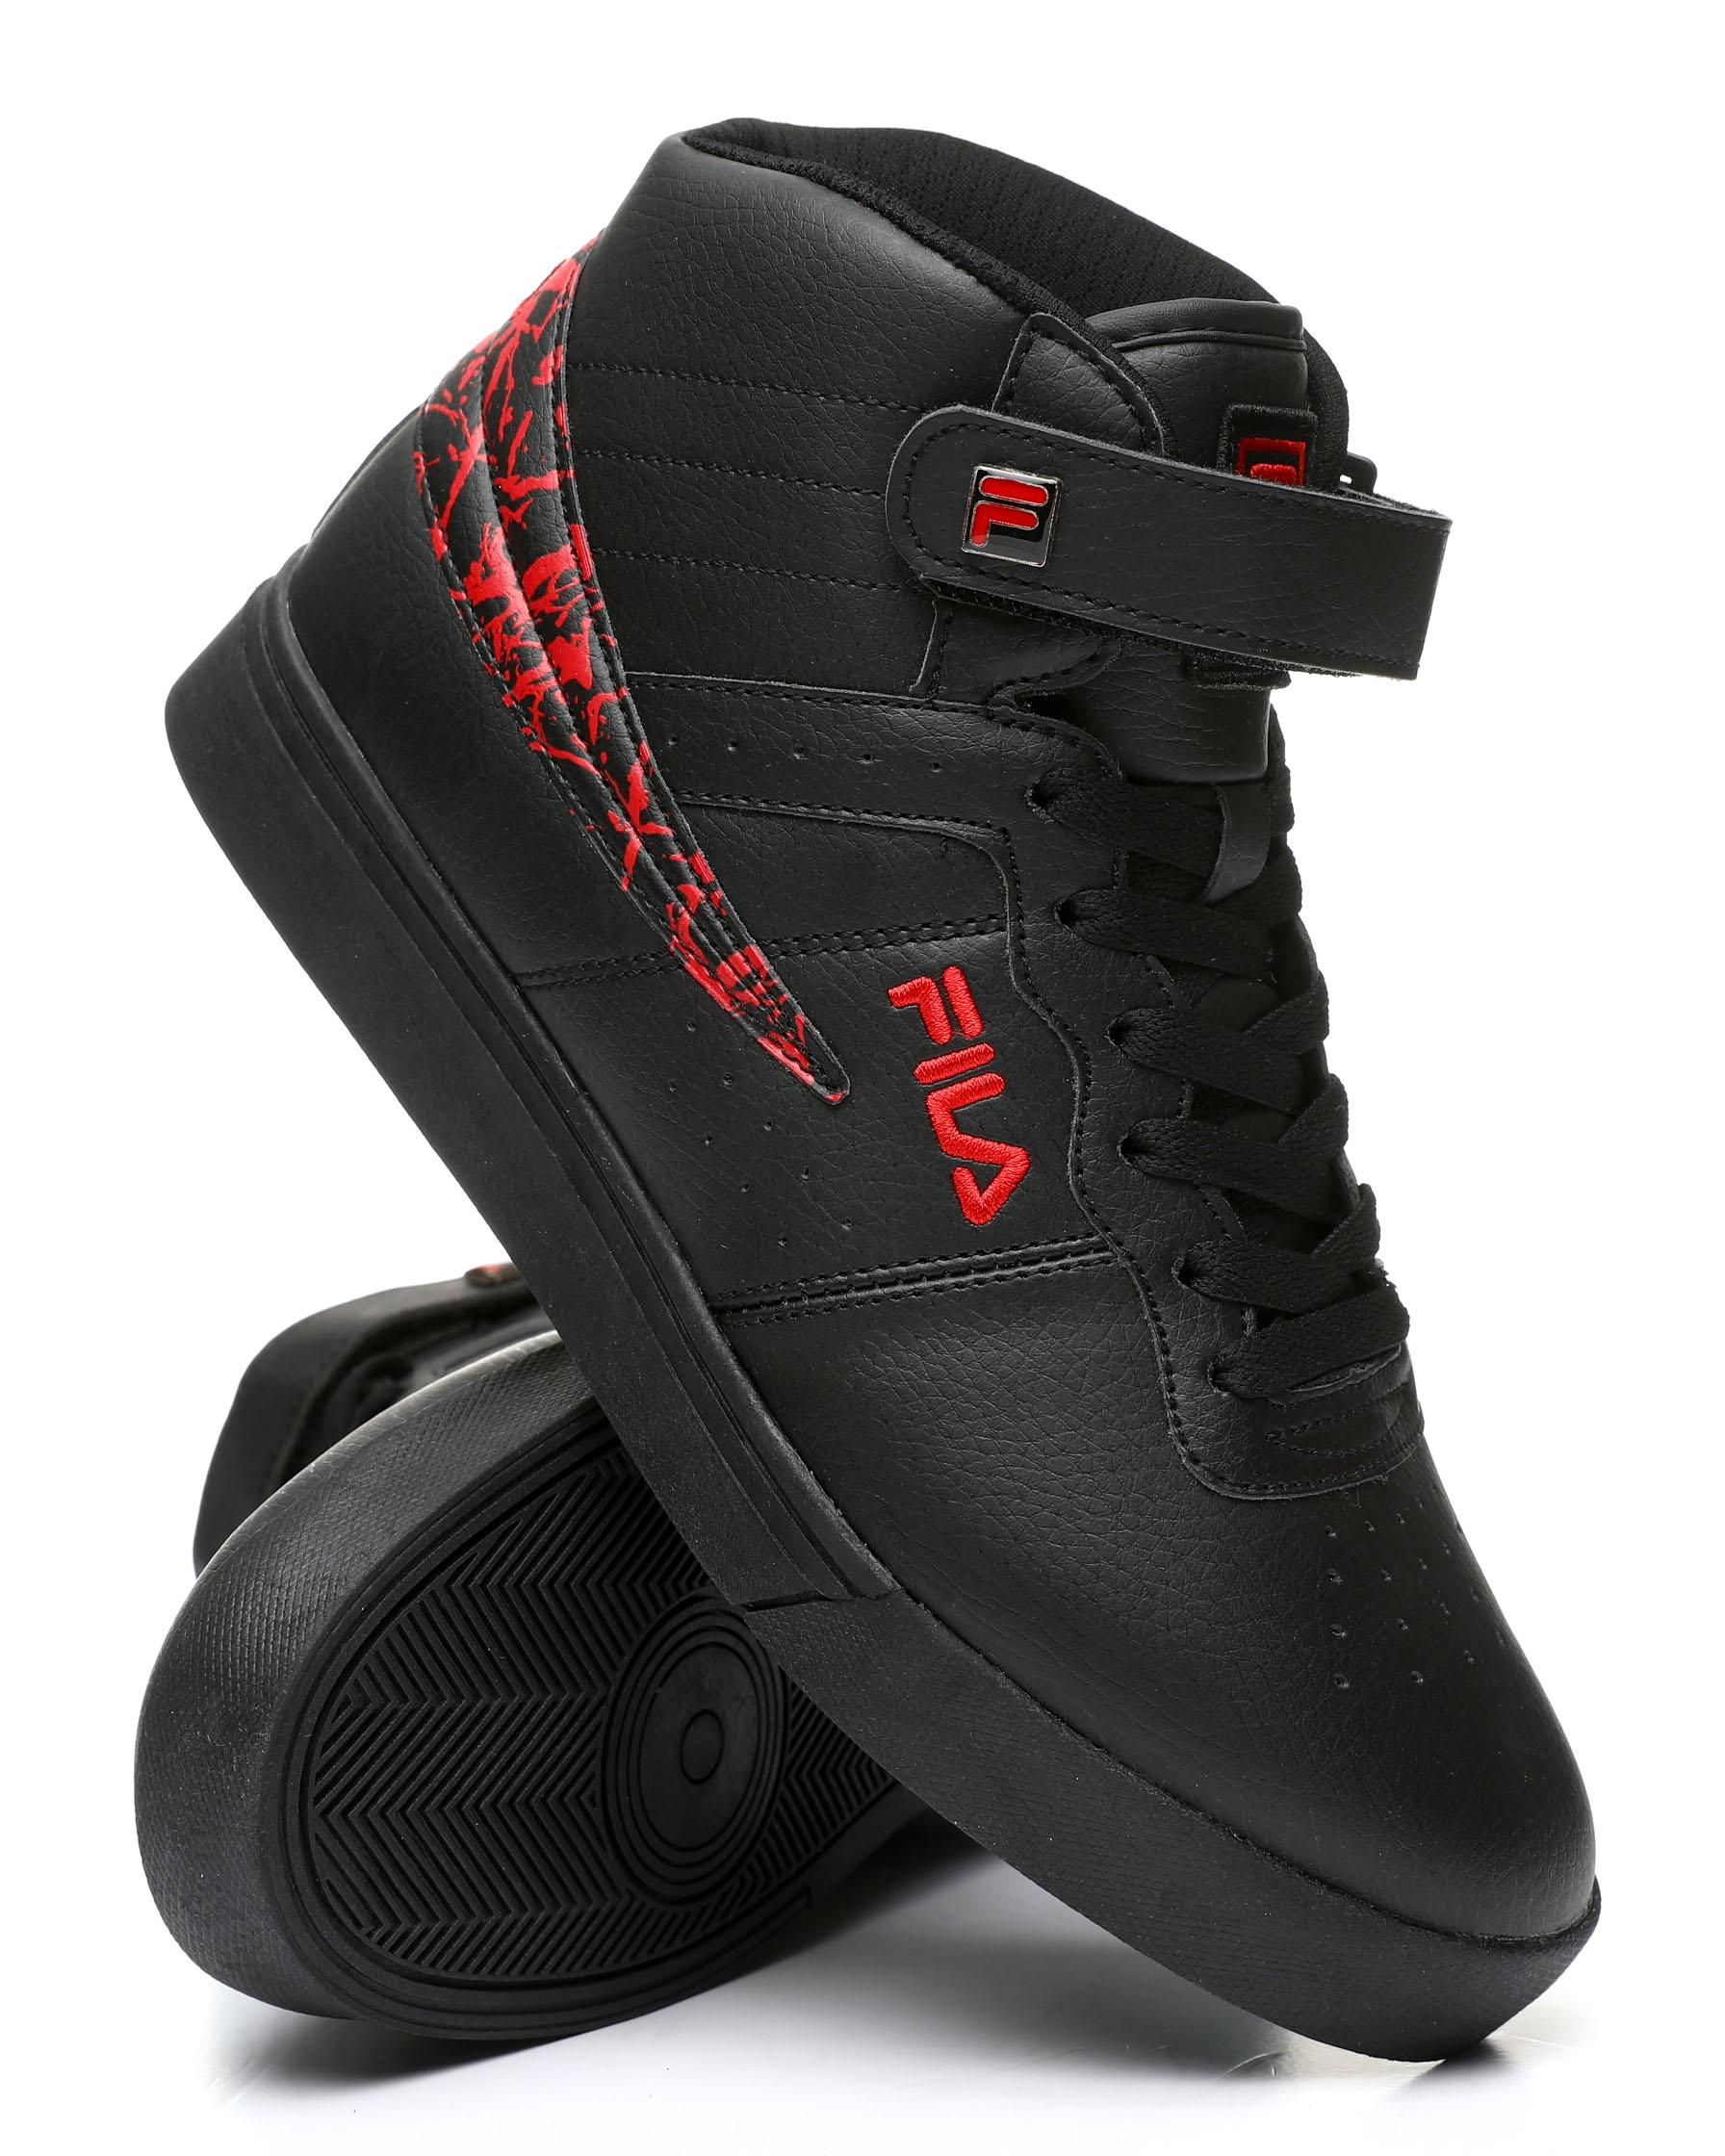 Buy Vulc 13 Marble Flag Sneakers Men's Footwear from Fila